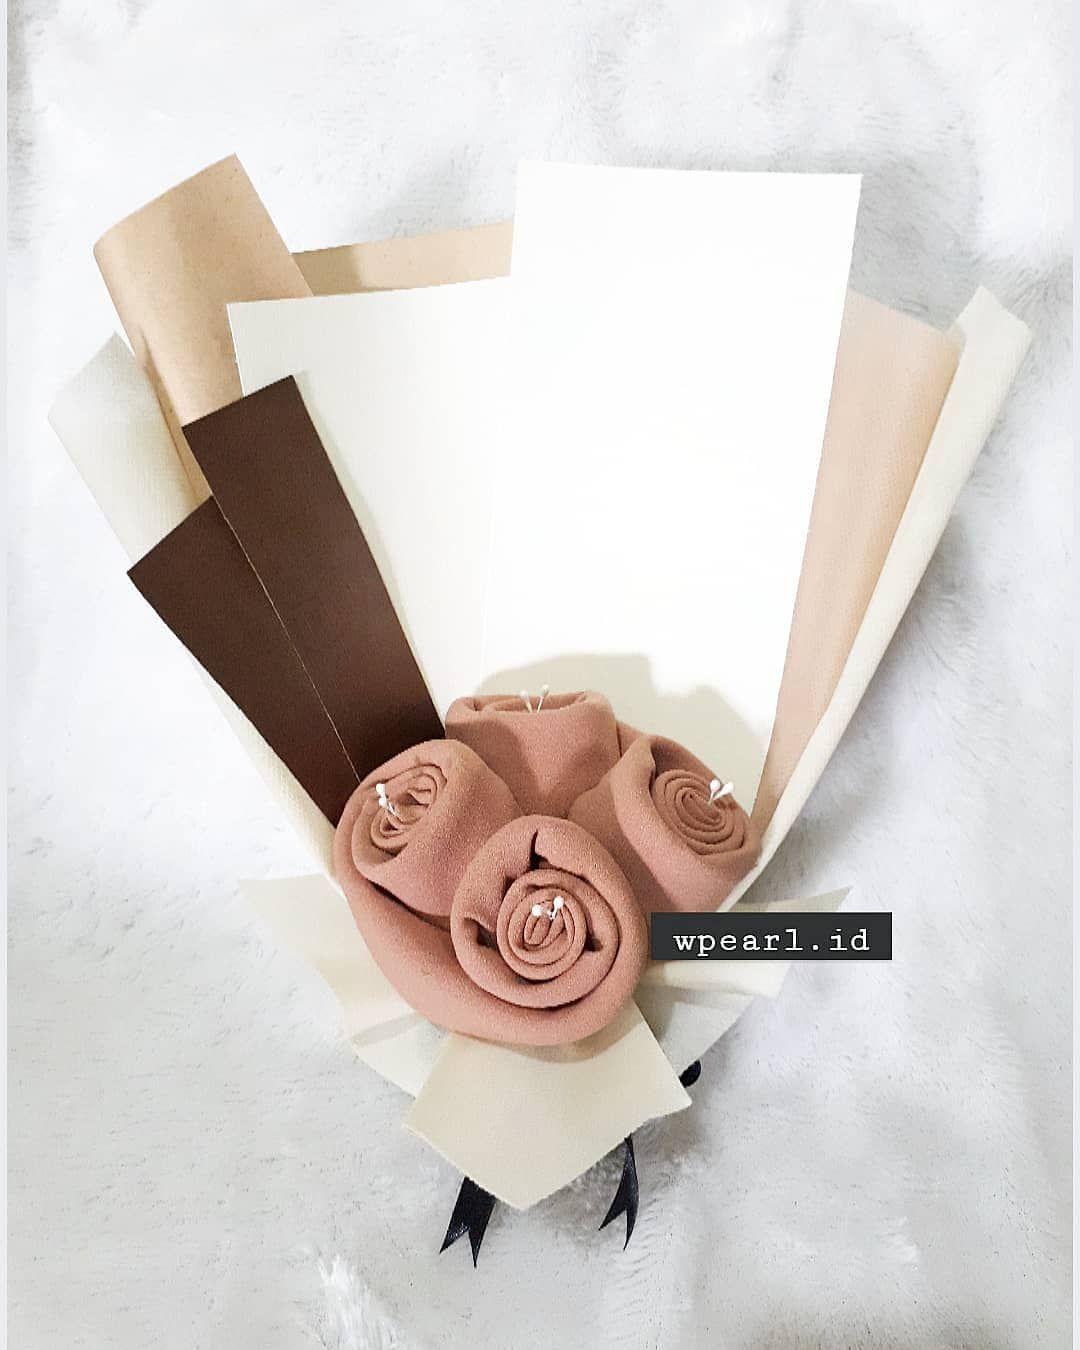 Bouquet Hijab   Ide hadiah, Hadiah buatan sendiri, Kreatif